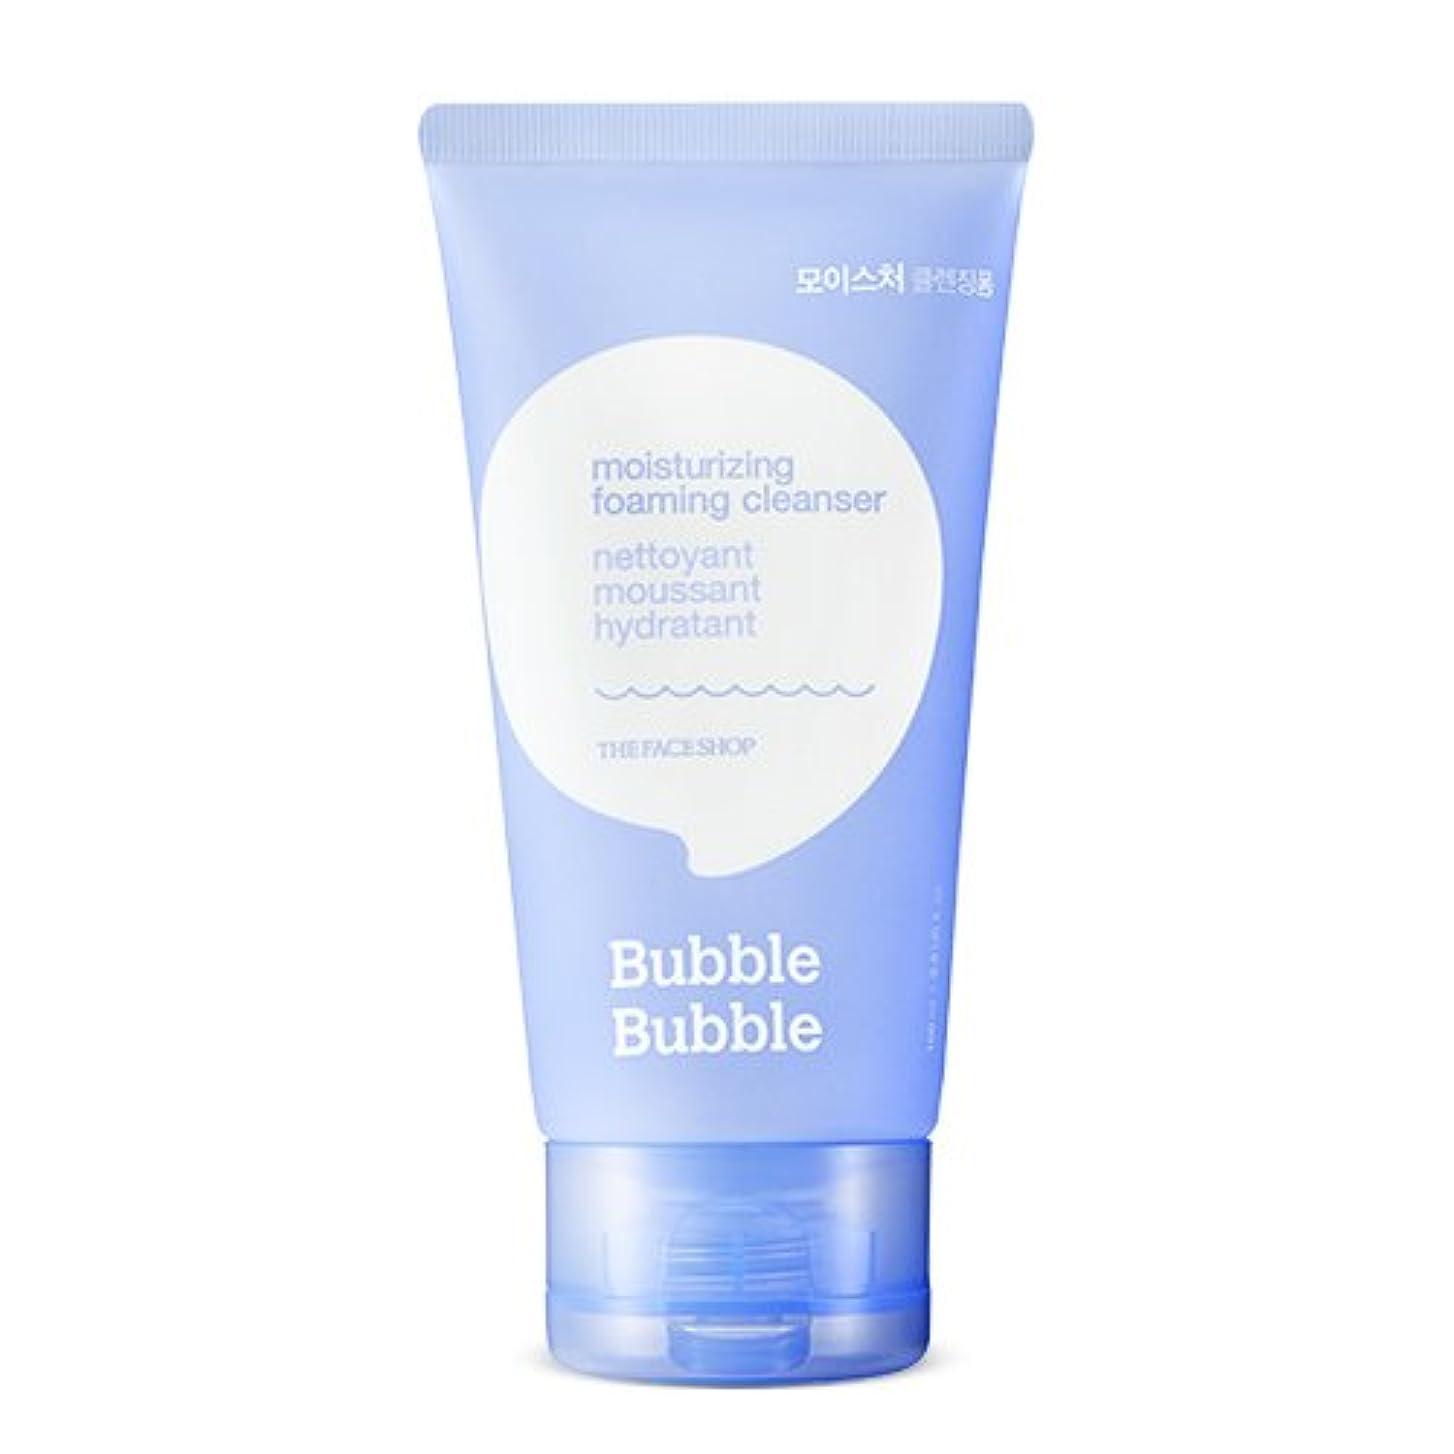 投資する時計回り最大限THE FACE SHOP Bubble Bubble Foaming Cleanser 100ml/ザフェイスショップ バブル バブル フォーミング クレンザー 100ml (#Moisturizing(モイスチャー)) [並行輸入品]